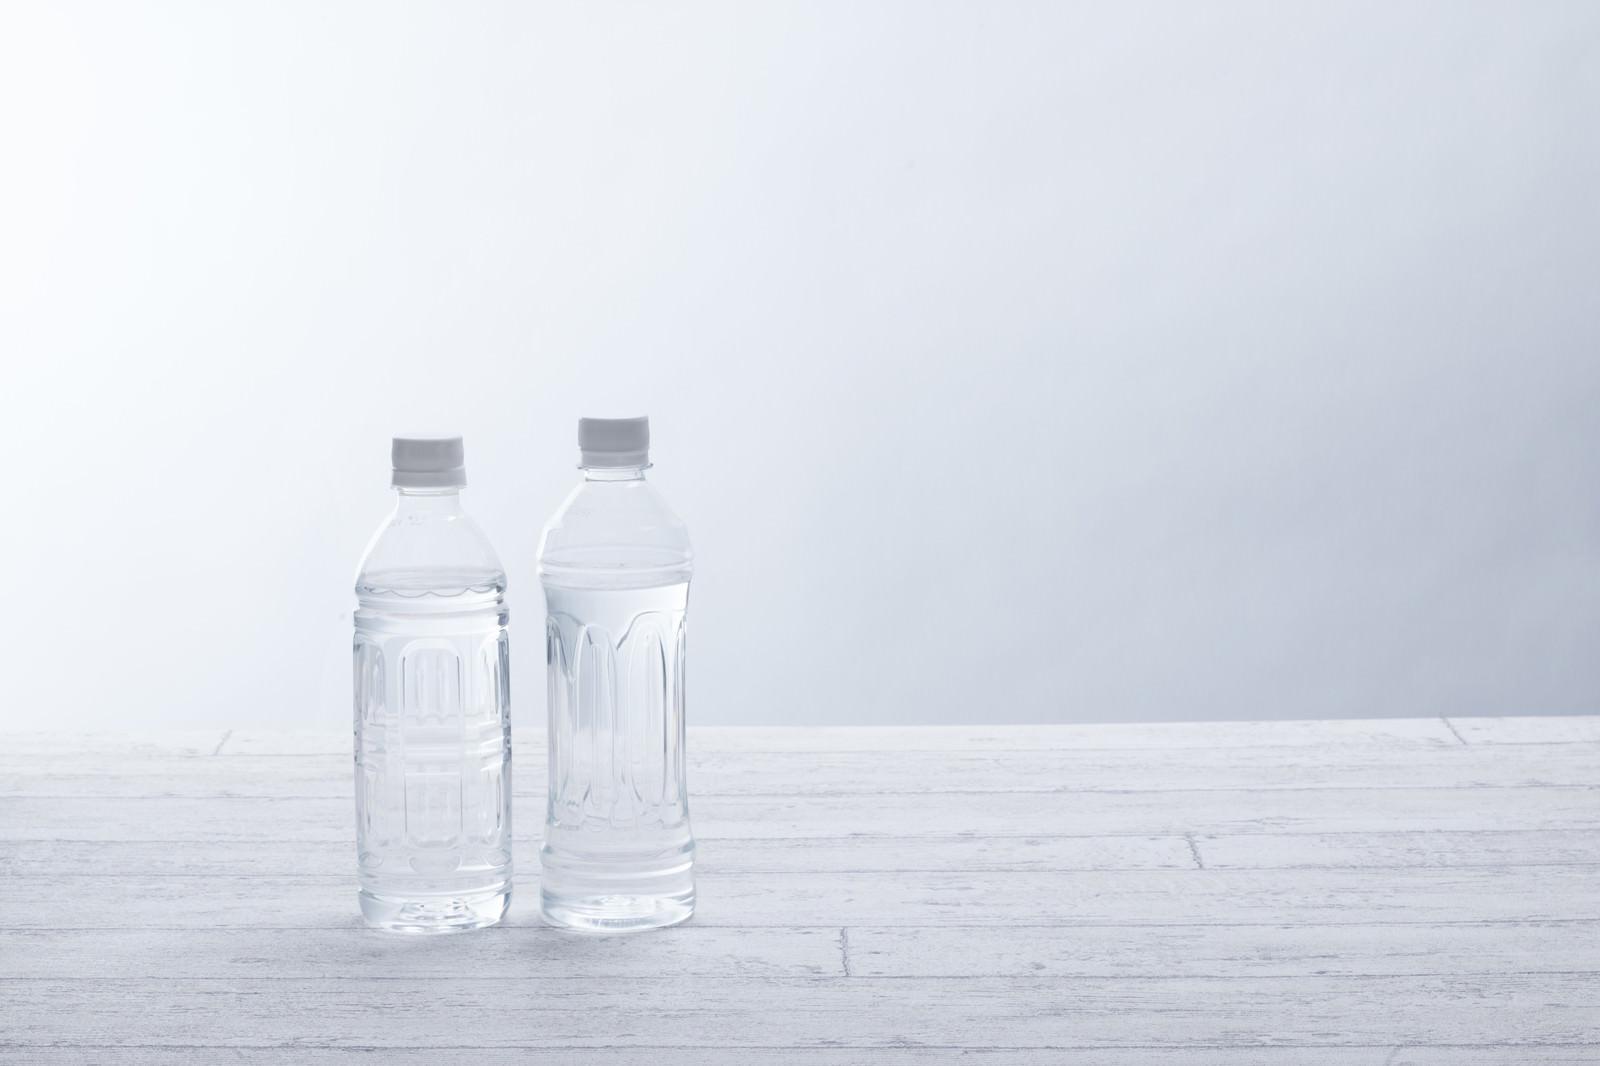 「ミネラルウォーターが入ったペットボトル500mlミネラルウォーターが入ったペットボトル500ml」のフリー写真素材を拡大